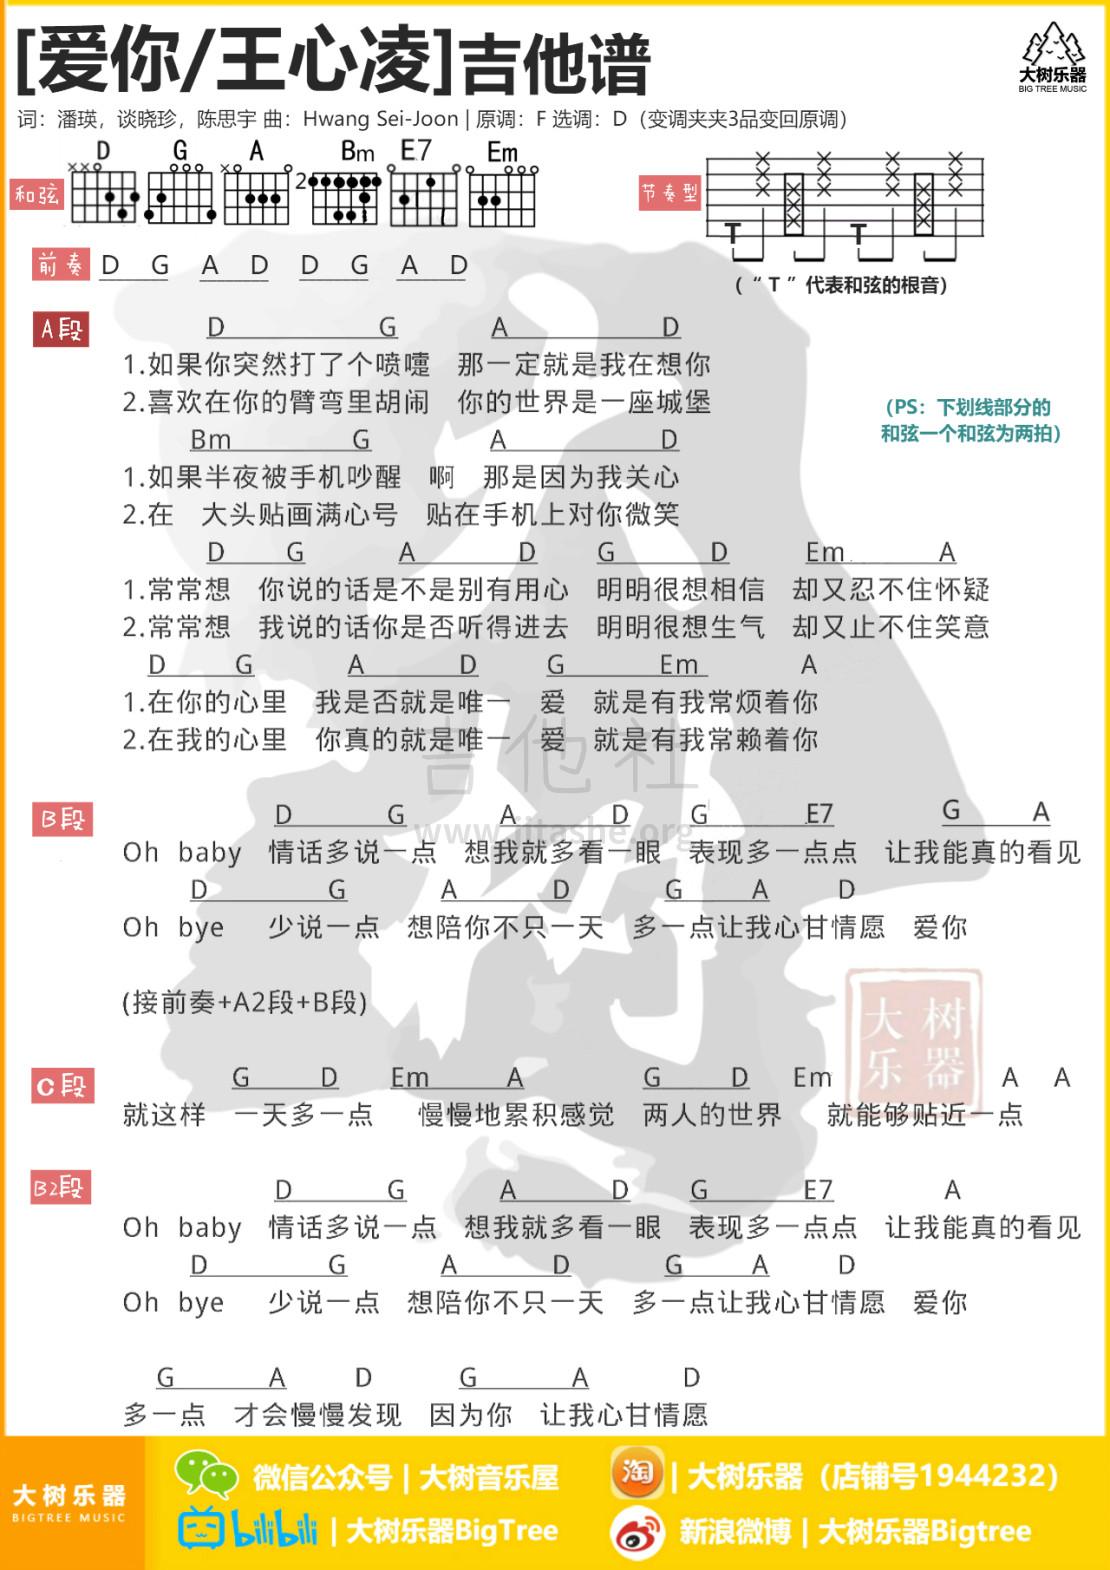 爱你吉他谱(图片谱,弹唱,教学,大树乐器)_王心凌(Cyndi Wang)_模板_memeitu_2.jpg